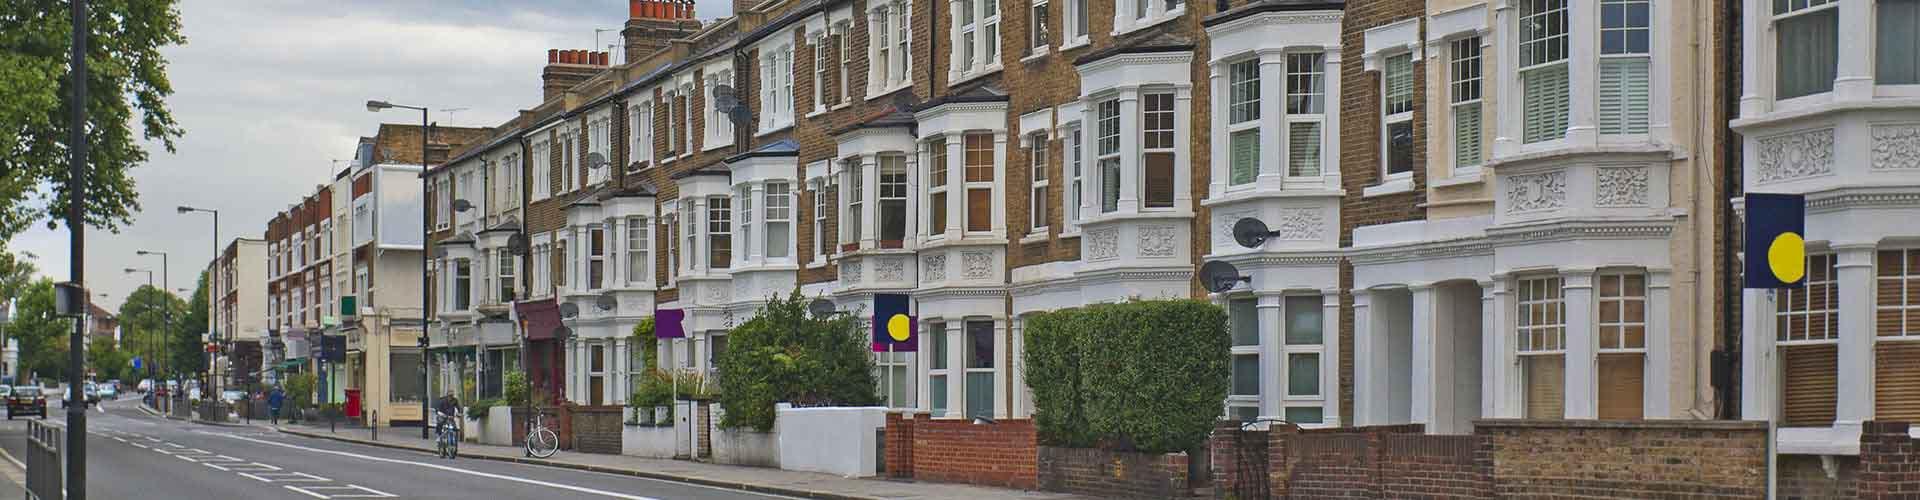 London – Hostels im Stadtteil Fulham. London auf der Karte. Fotos und Bewertungen für jedes Hostel in London.